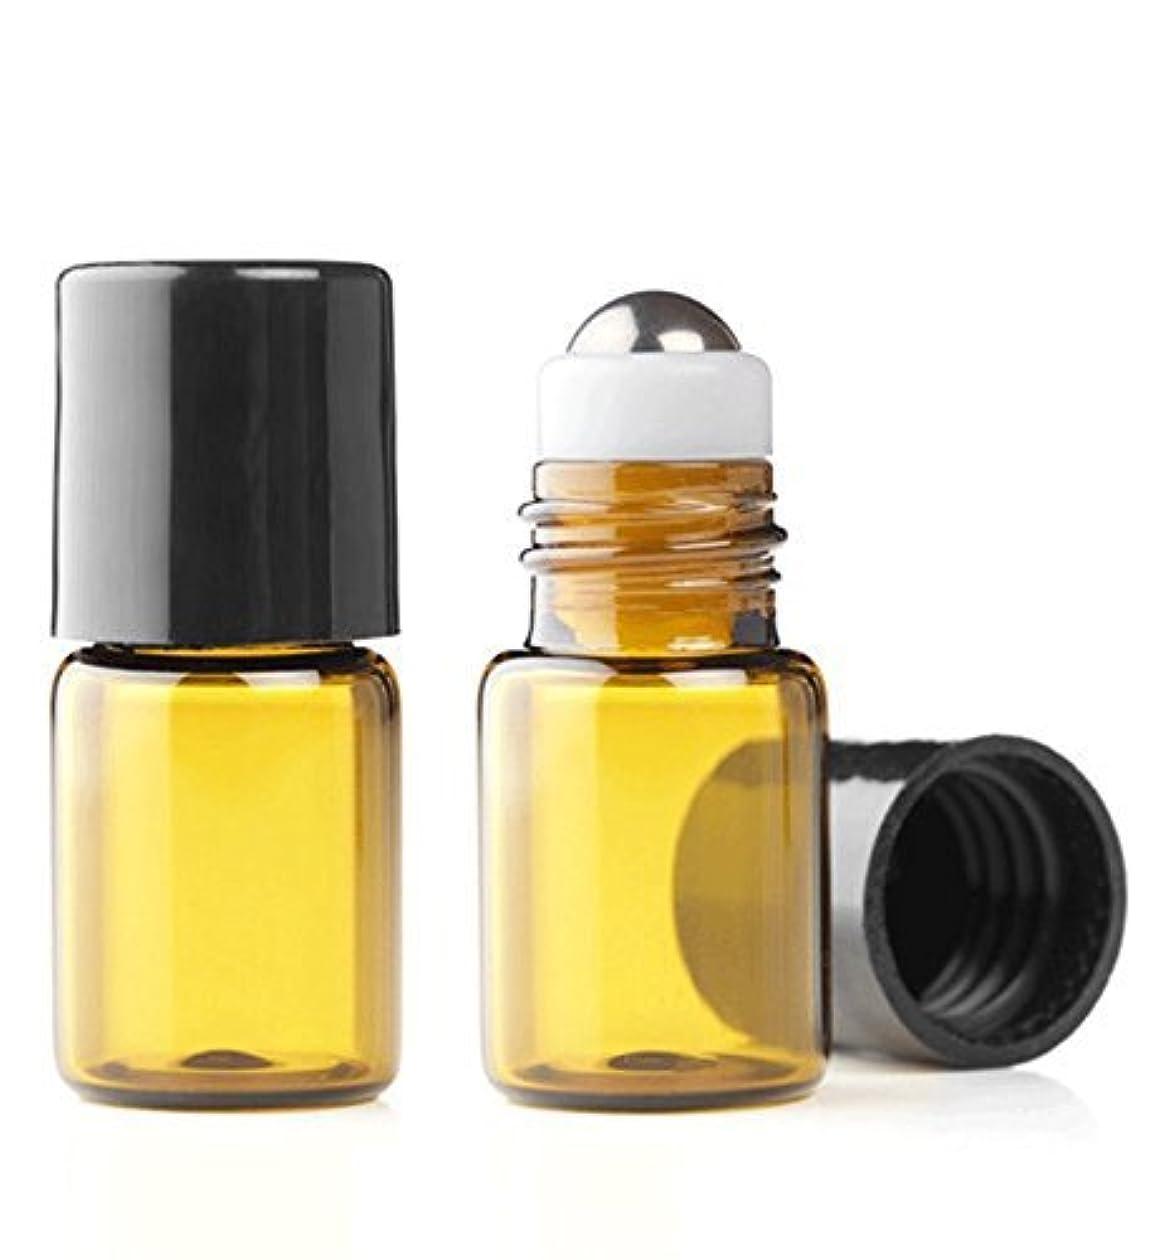 デッドロック同情的残りGrand Parfums Empty 2ml Amber Glass Micro Mini Rollon Dram Glass Bottles with Metal Roller Balls - Refillable Aromatherapy Essential Oil Roll On - Bulk - 1/2 Dram Pack of 6 - [並行輸入品]